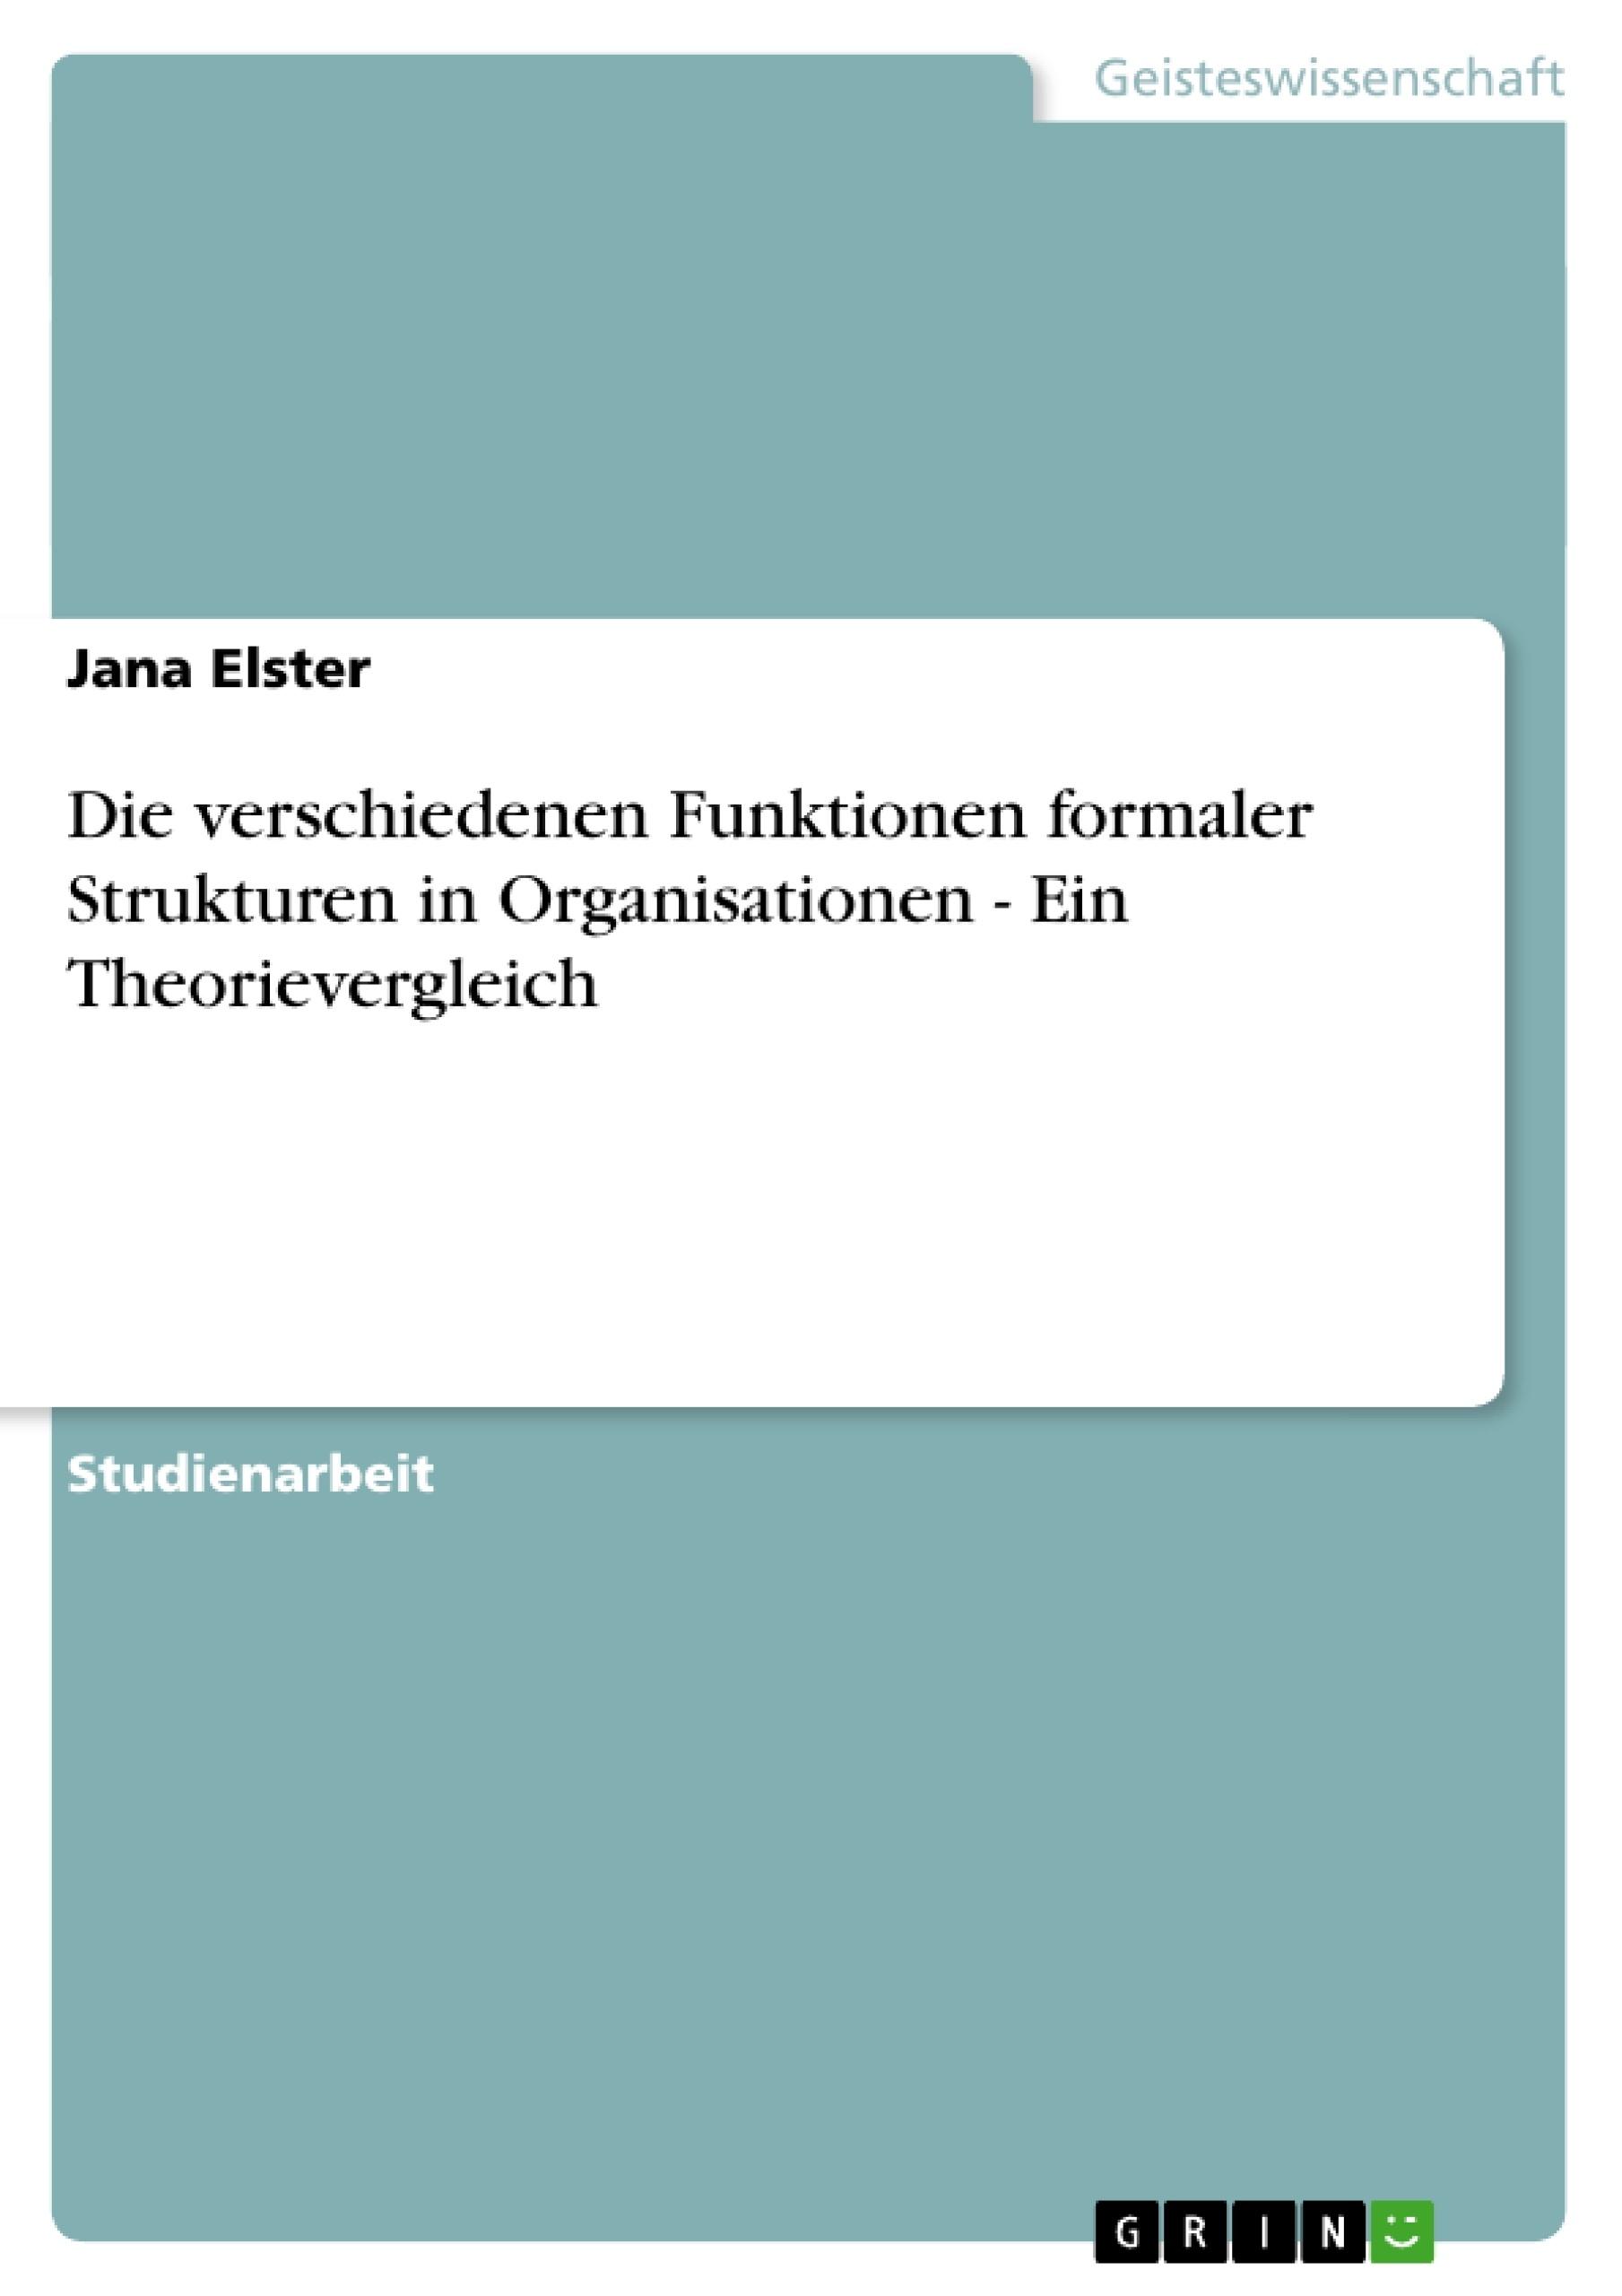 Titel: Die verschiedenen Funktionen formaler Strukturen in Organisationen - Ein Theorievergleich